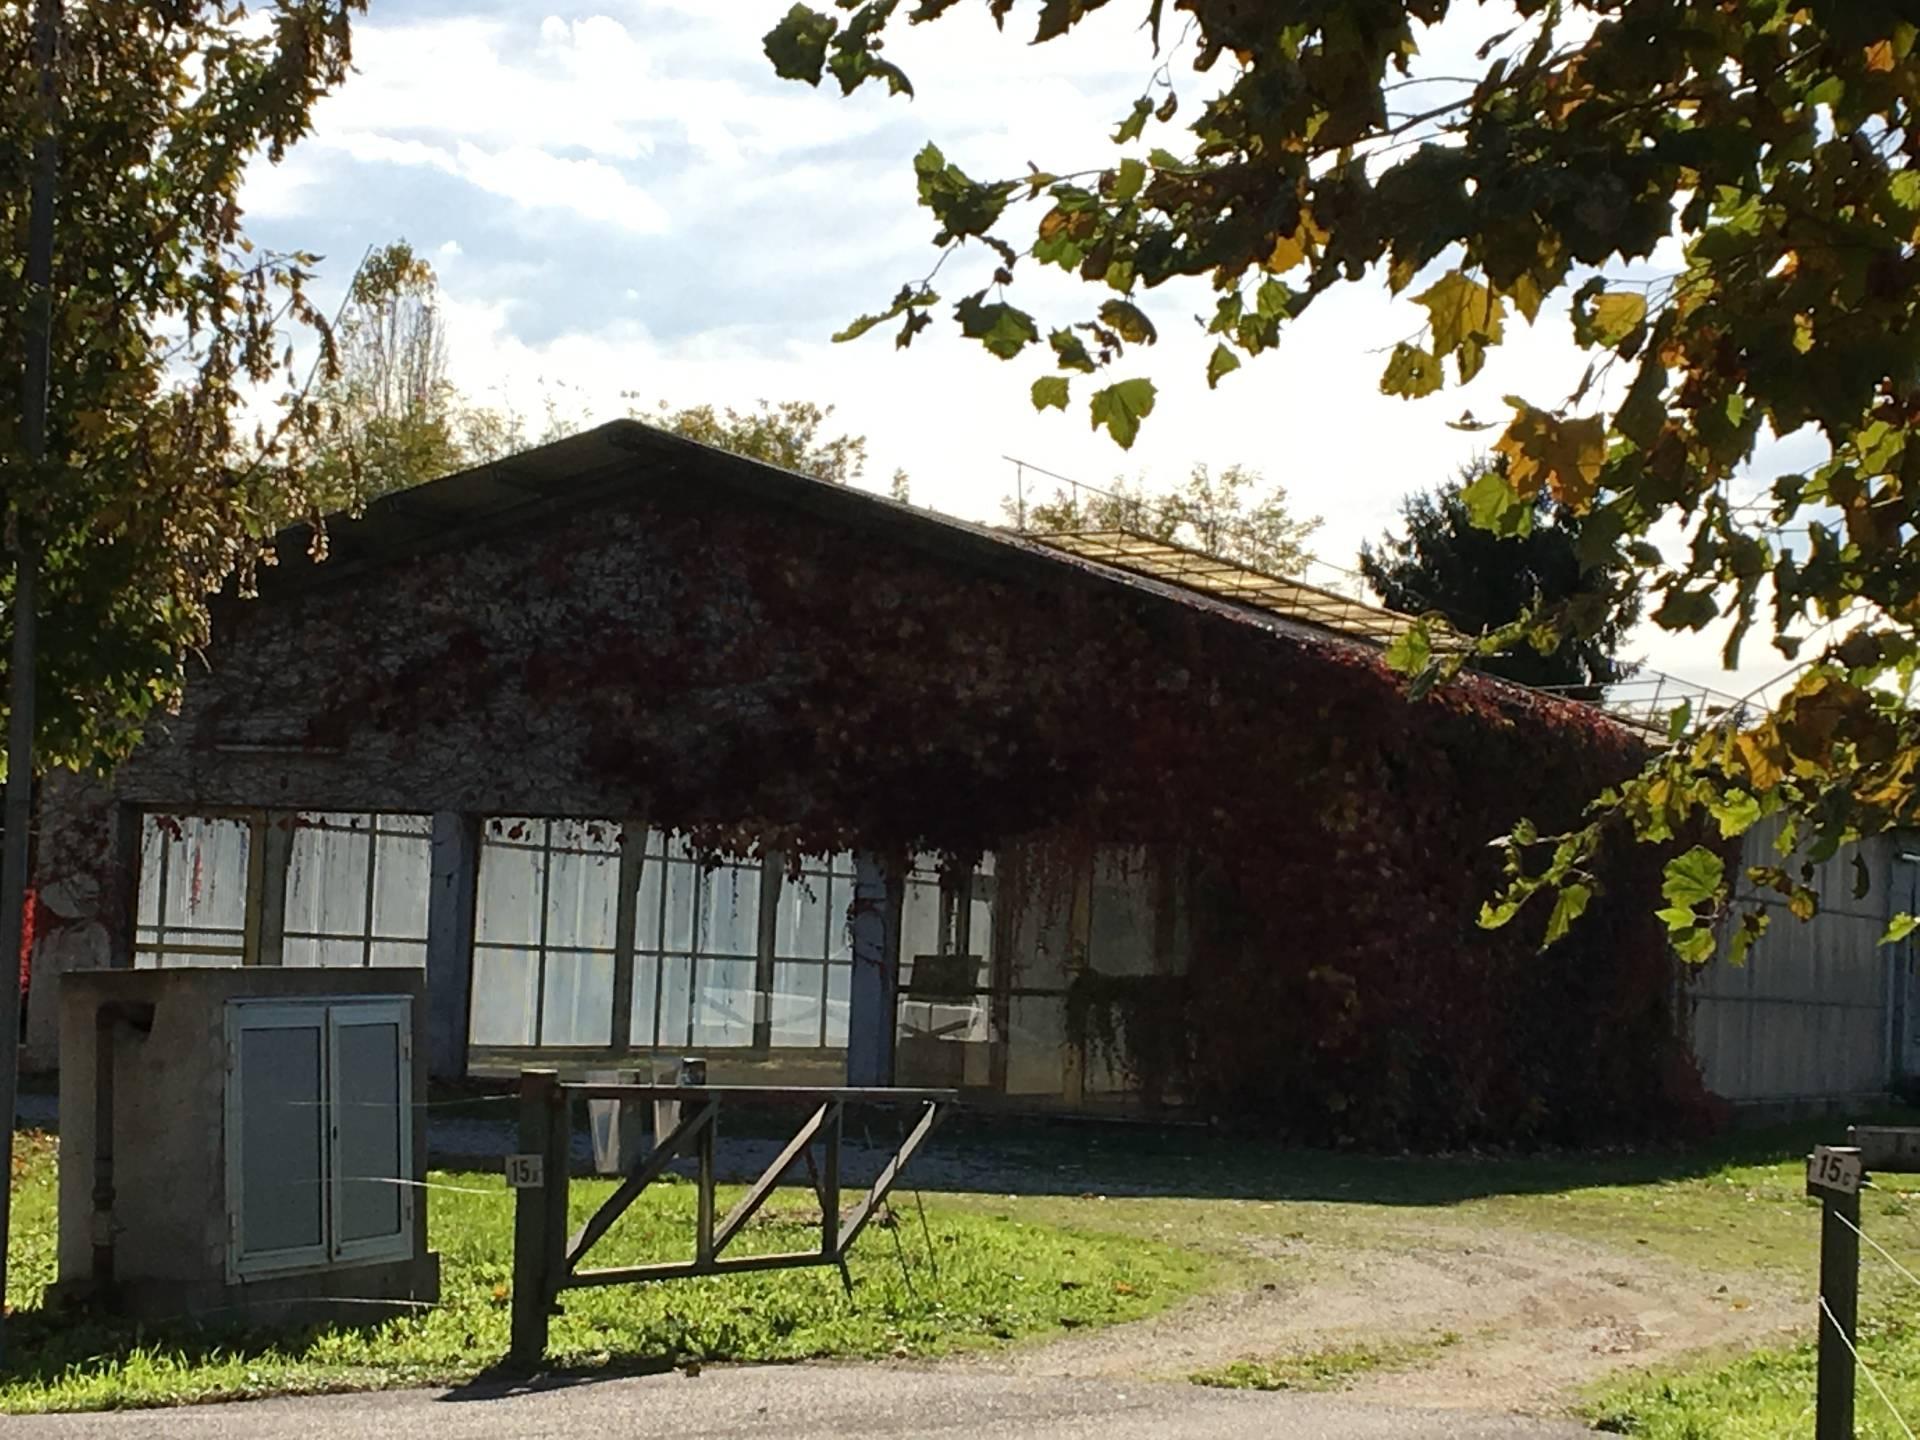 Villa in vendita a Villorba, 1 locali, zona Zona: Carità, prezzo € 300.000 | CambioCasa.it